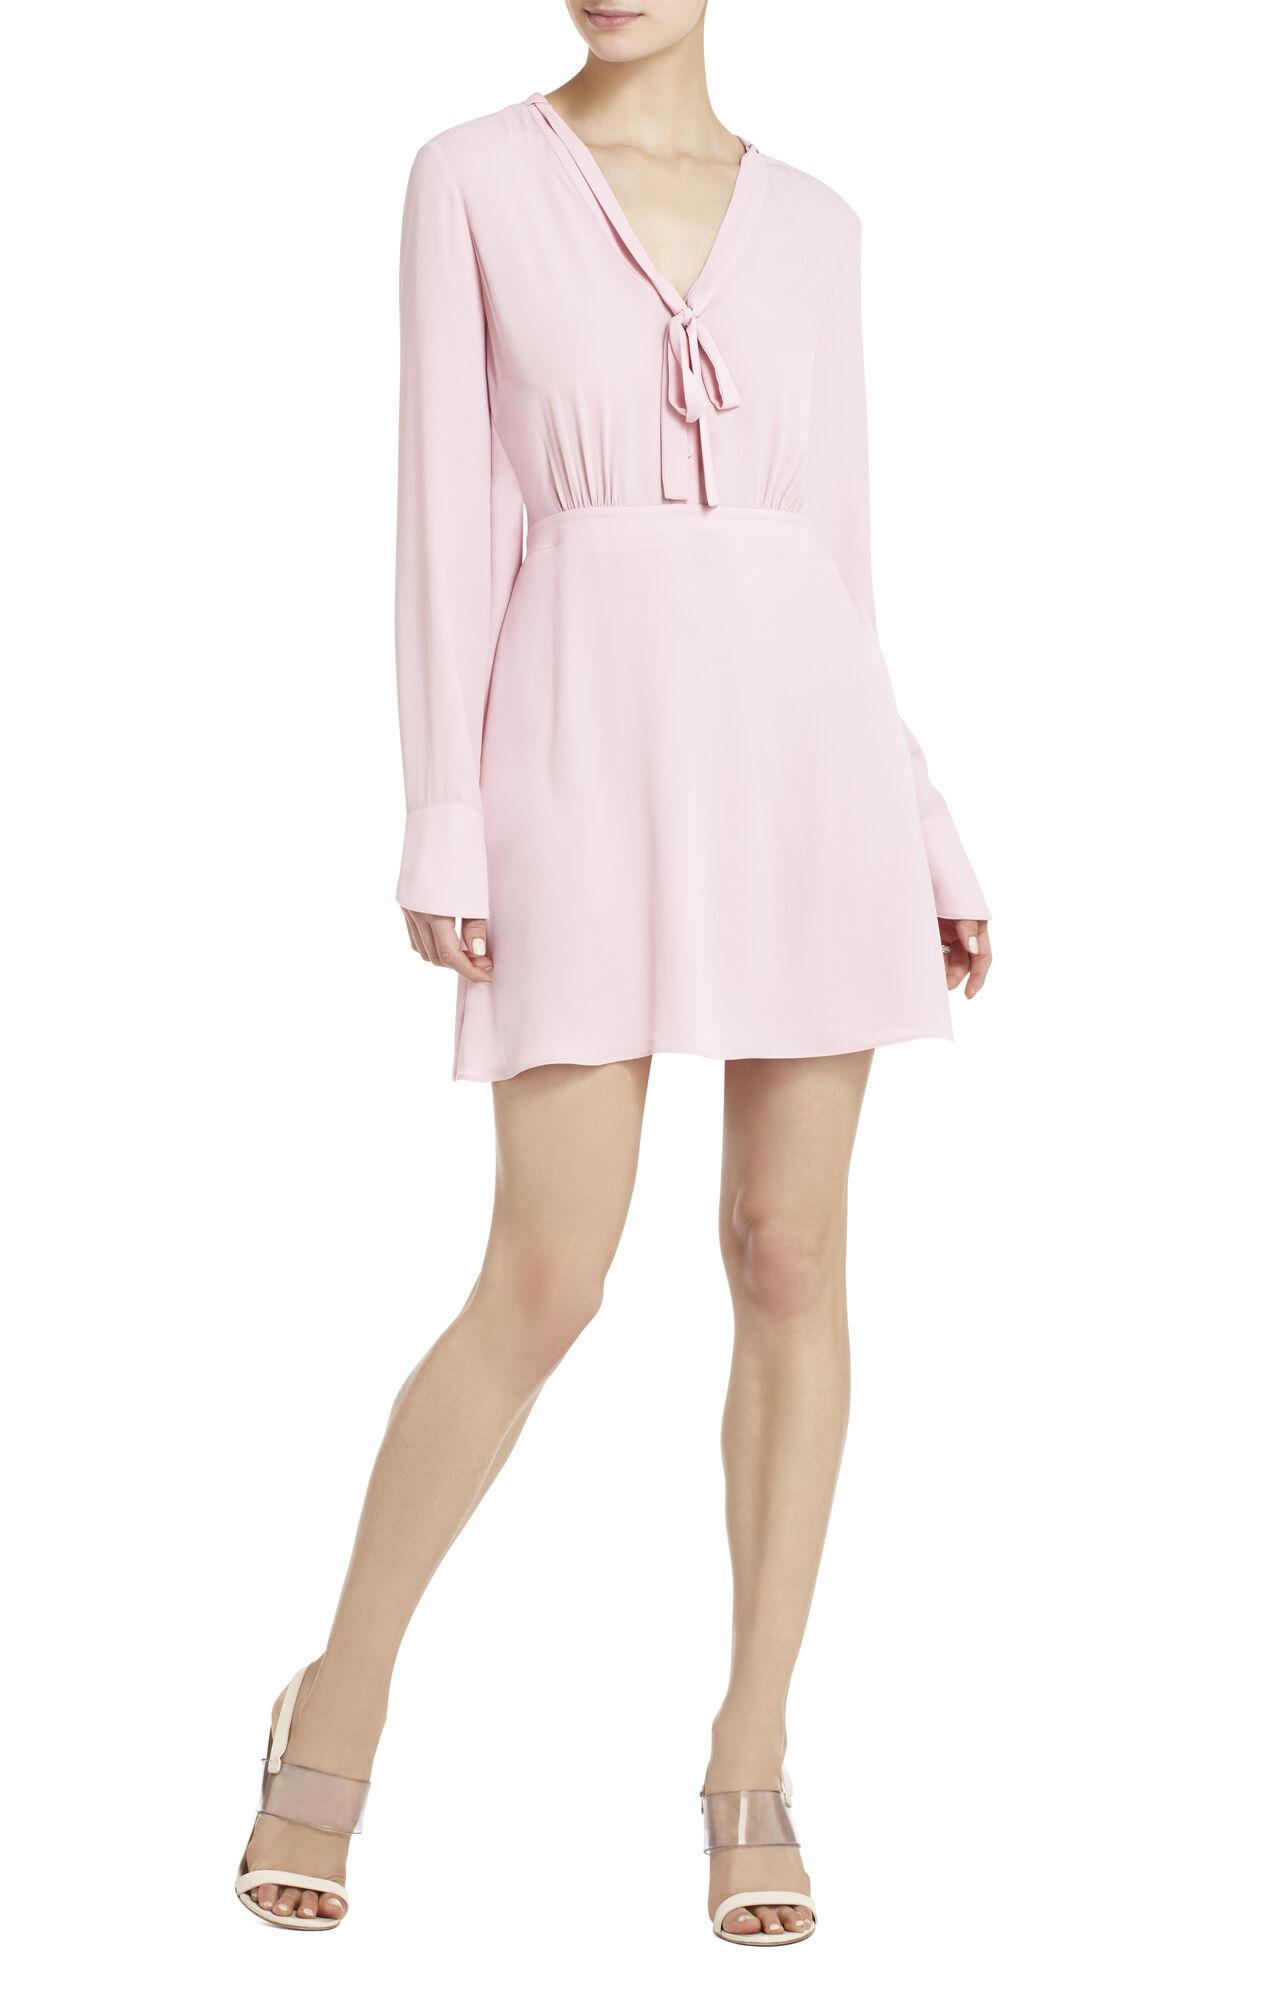 Long-Sleeve Blouse Dress